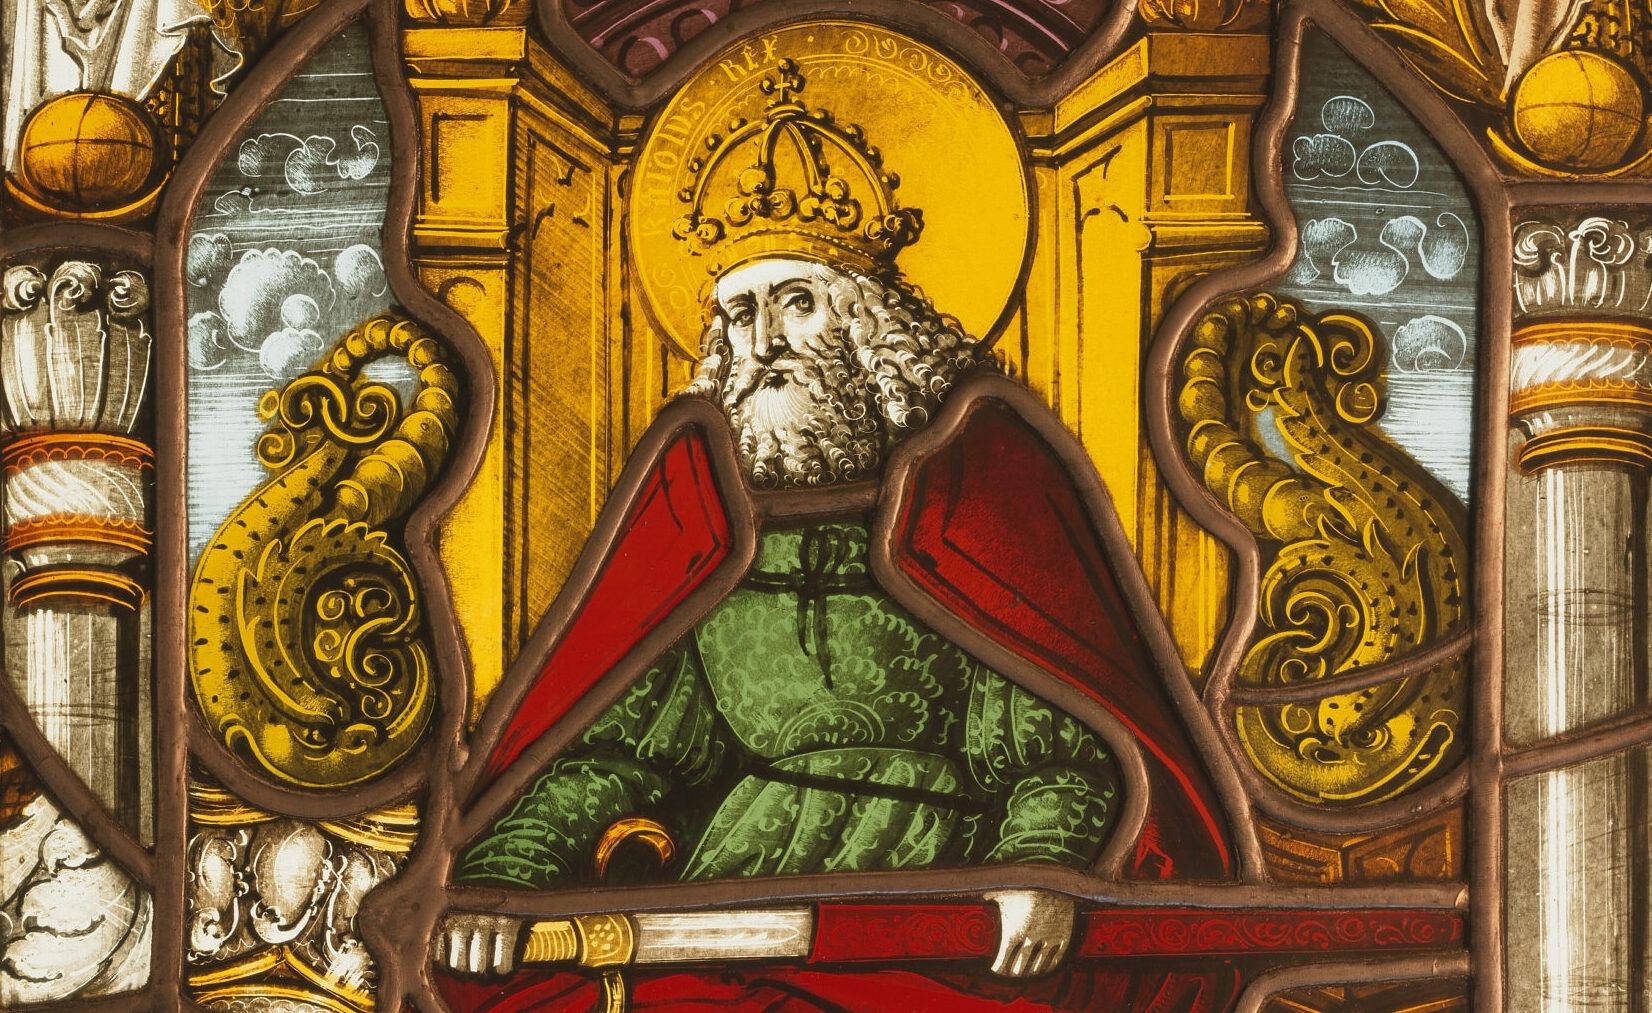 Ein Glasgemälde von Karl dem Grossen aus dem 16. Jahrhundert.